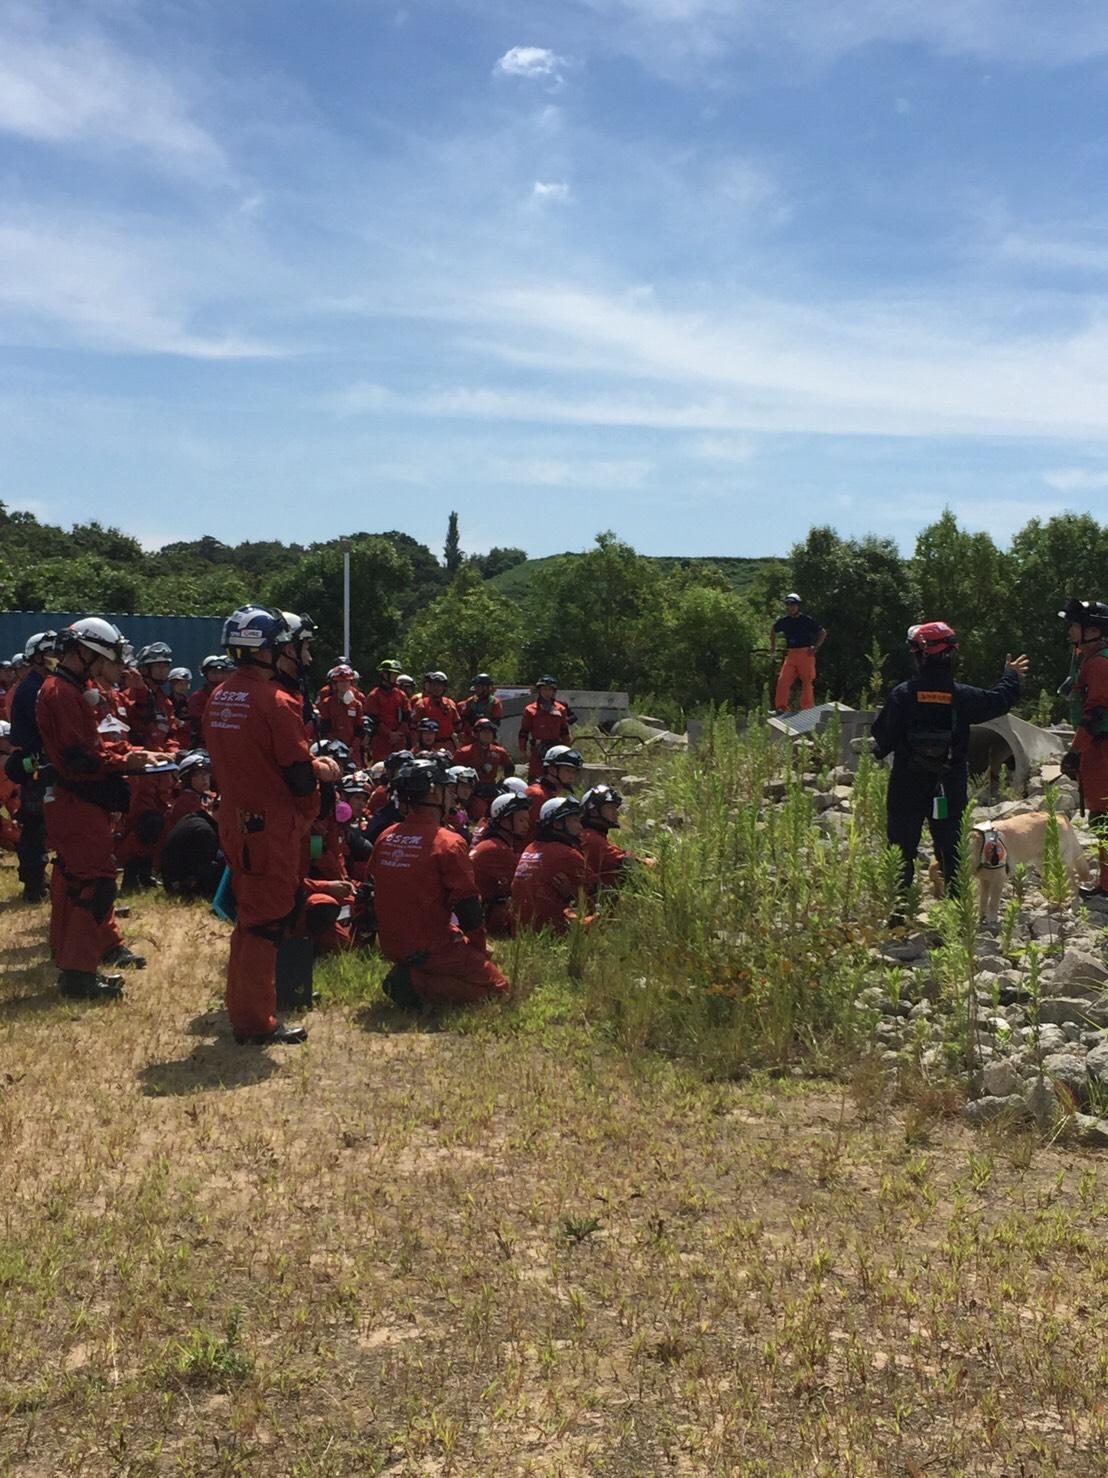 阪神救助犬協会|捜索災害救助犬育成・派遣・訓練活動